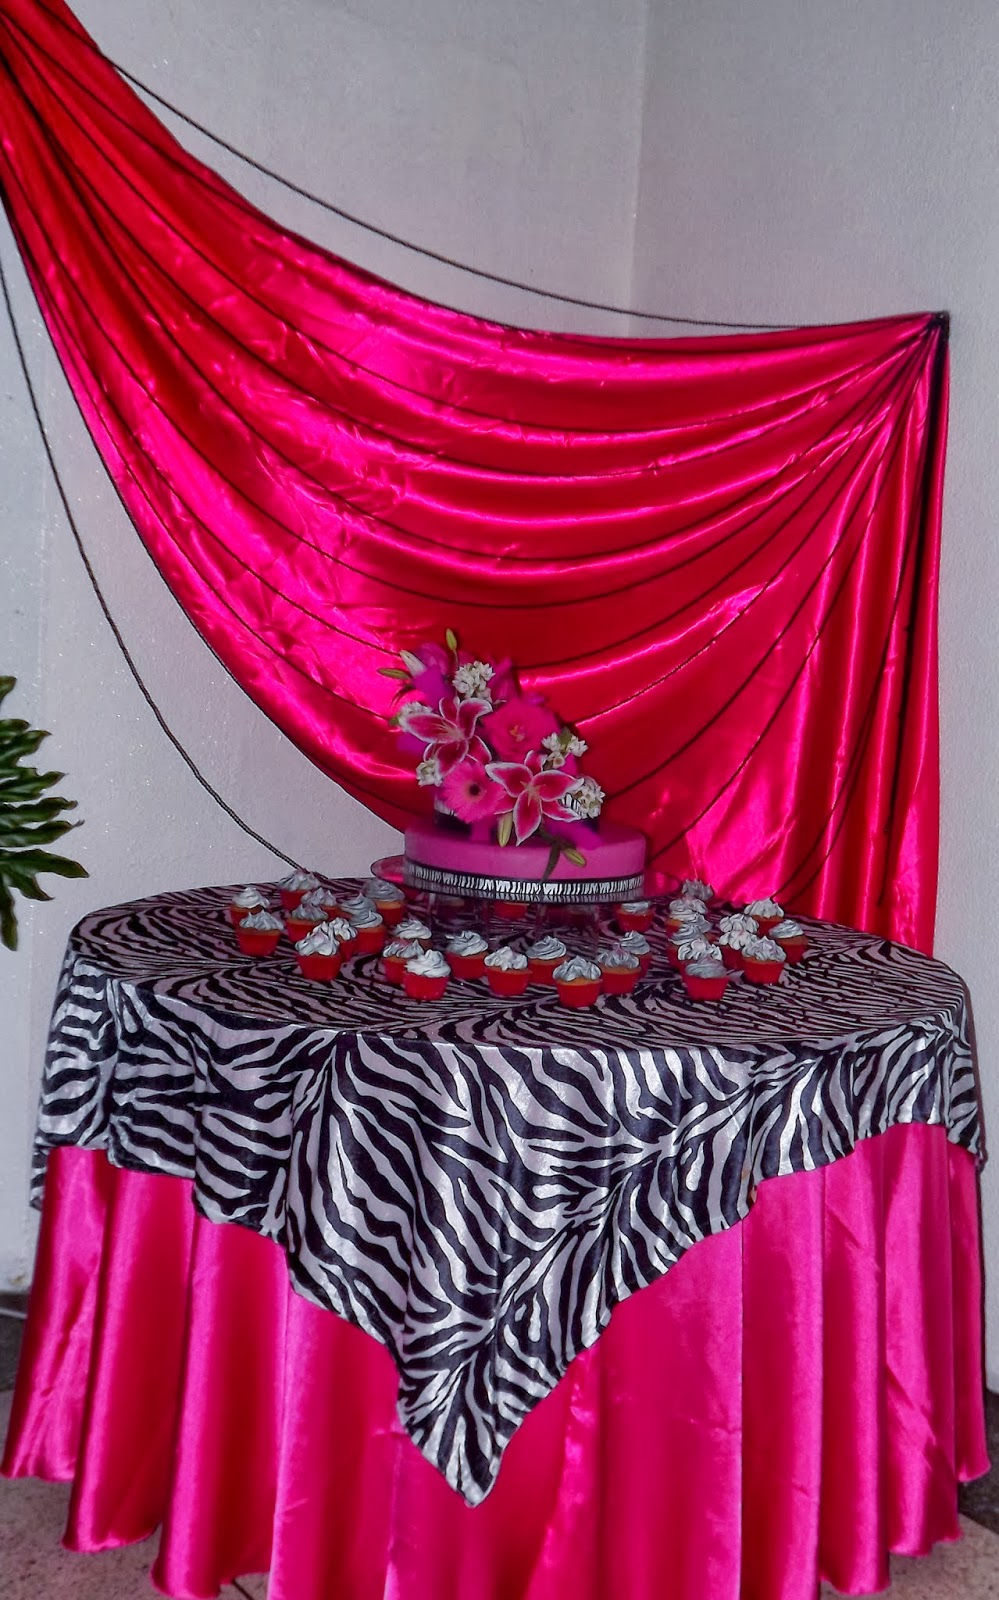 Tortas y decoraciones 15 a os fucsia y cebra for Decoracion de pared para 15 anos